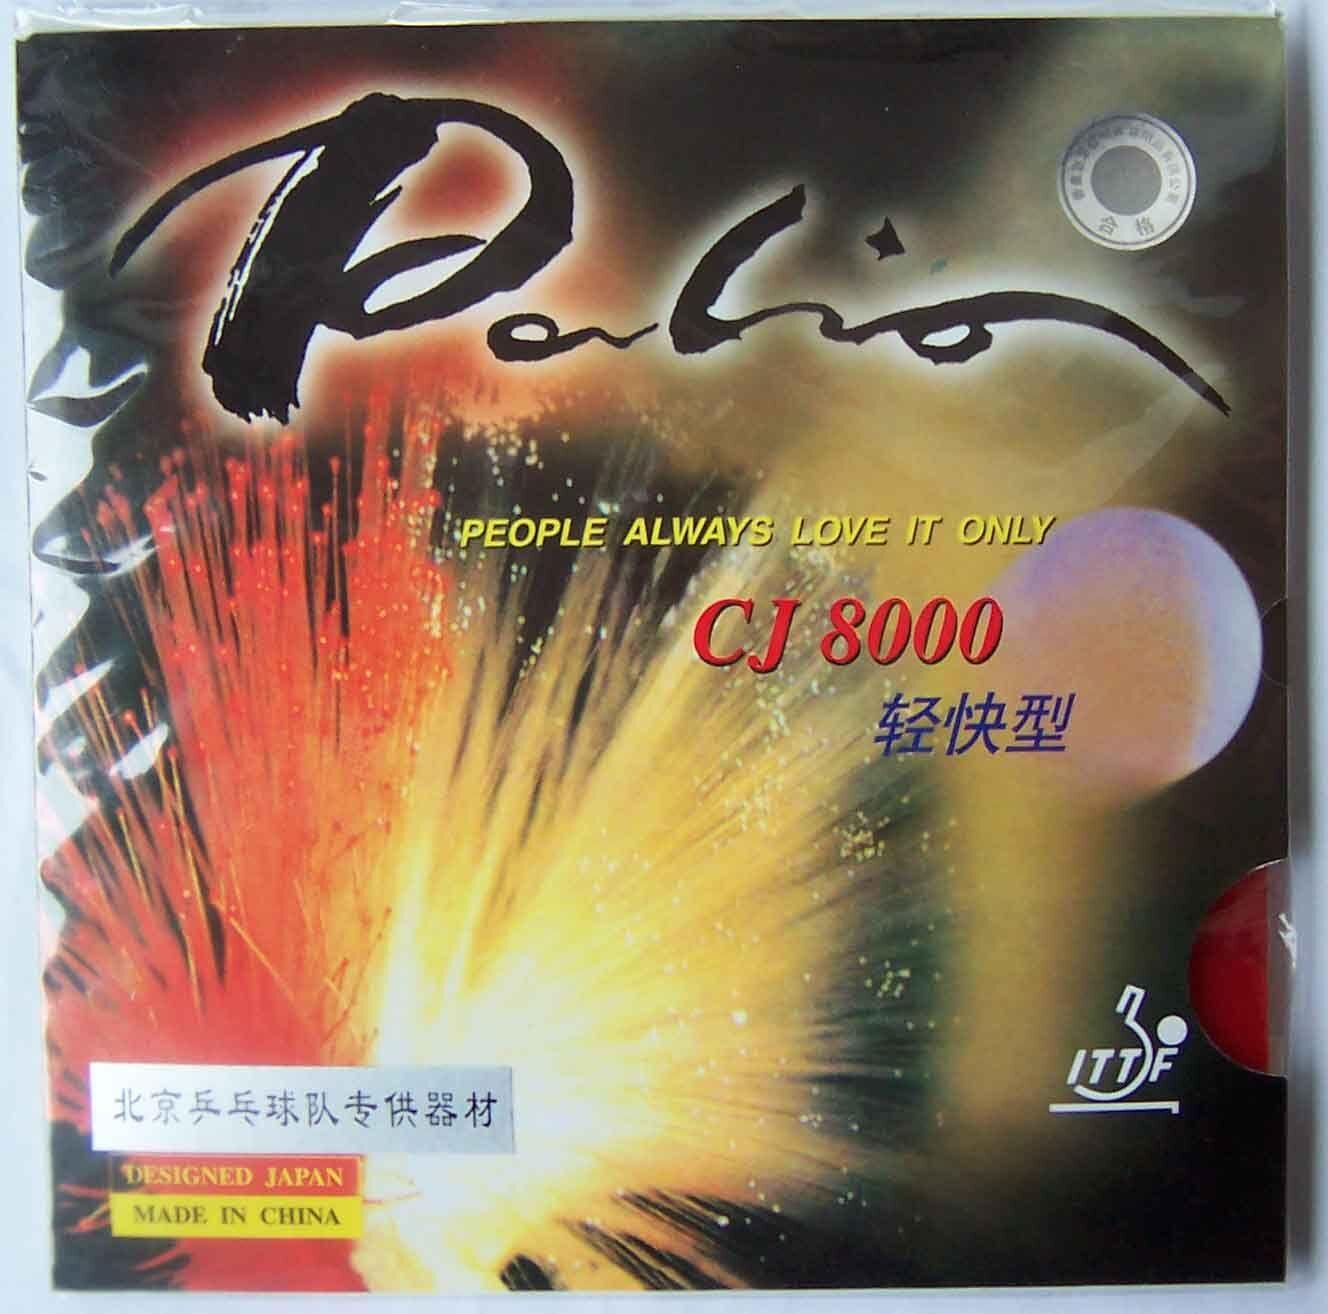 10x Palio CJ8000-C Light&Fast Model Table Tennis Rubbers Sponge, Pips-In, GBP